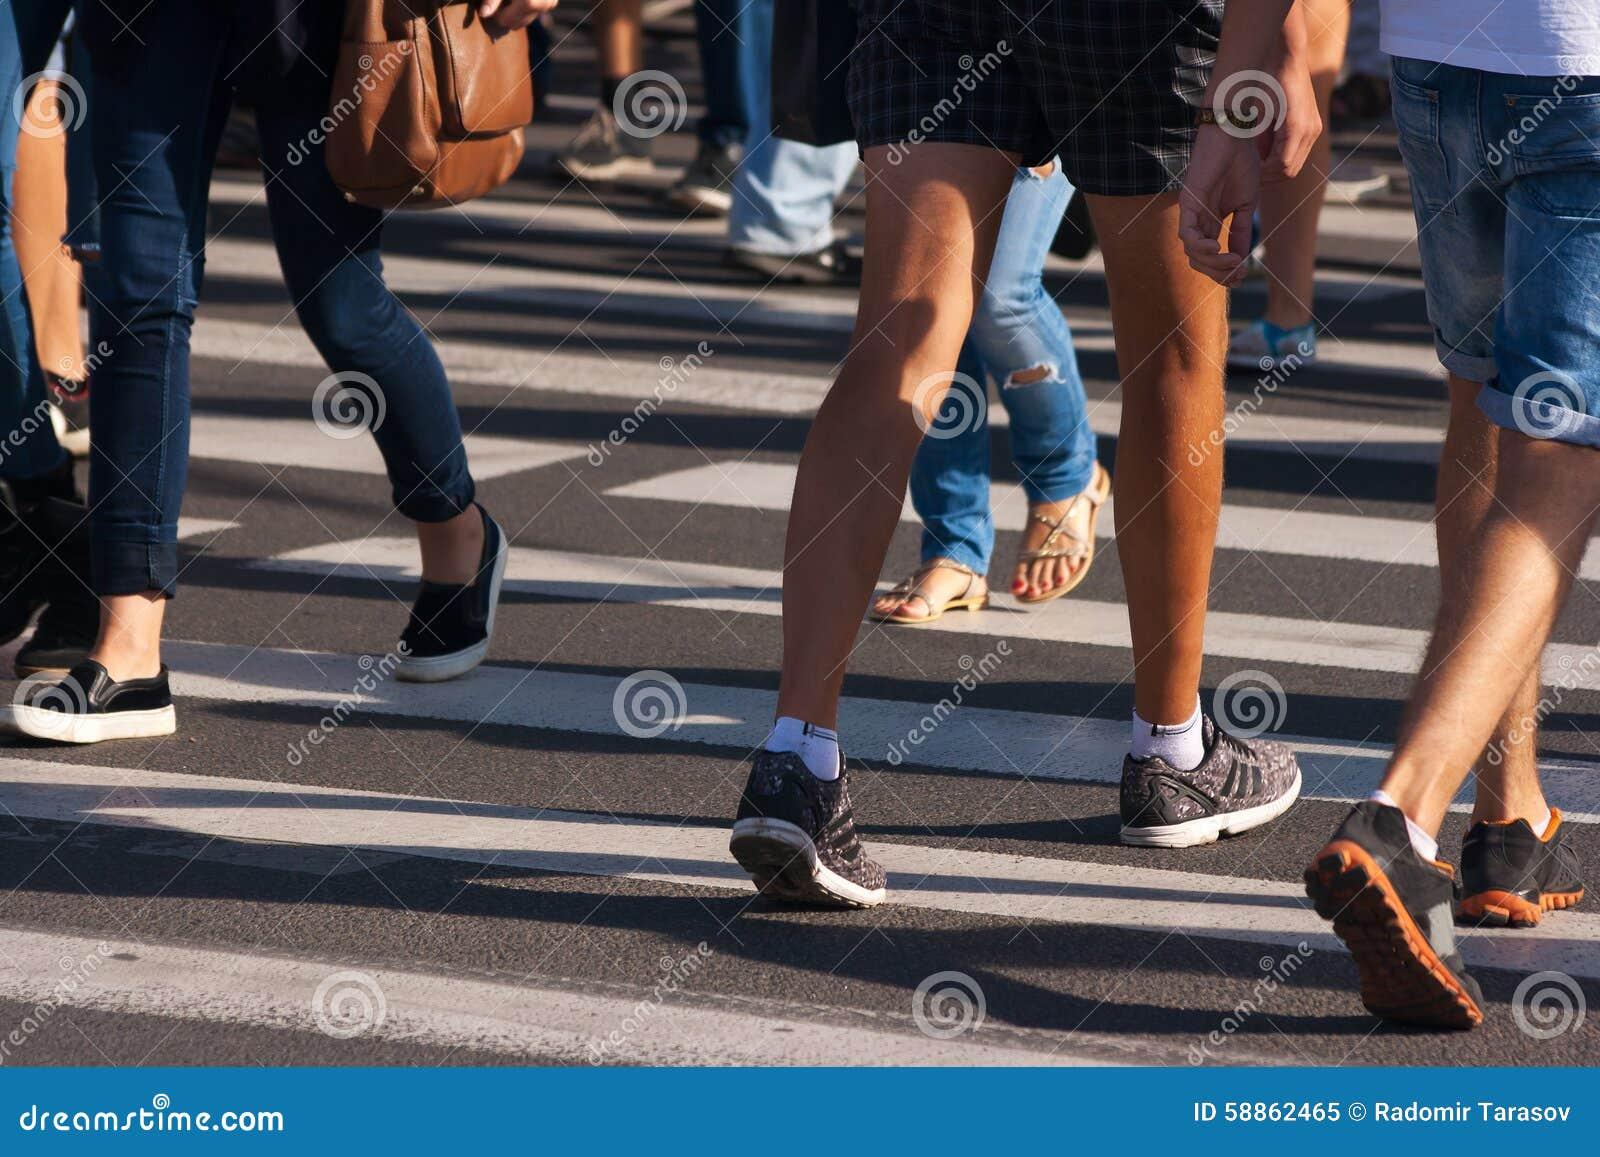 Feet of pedestrians